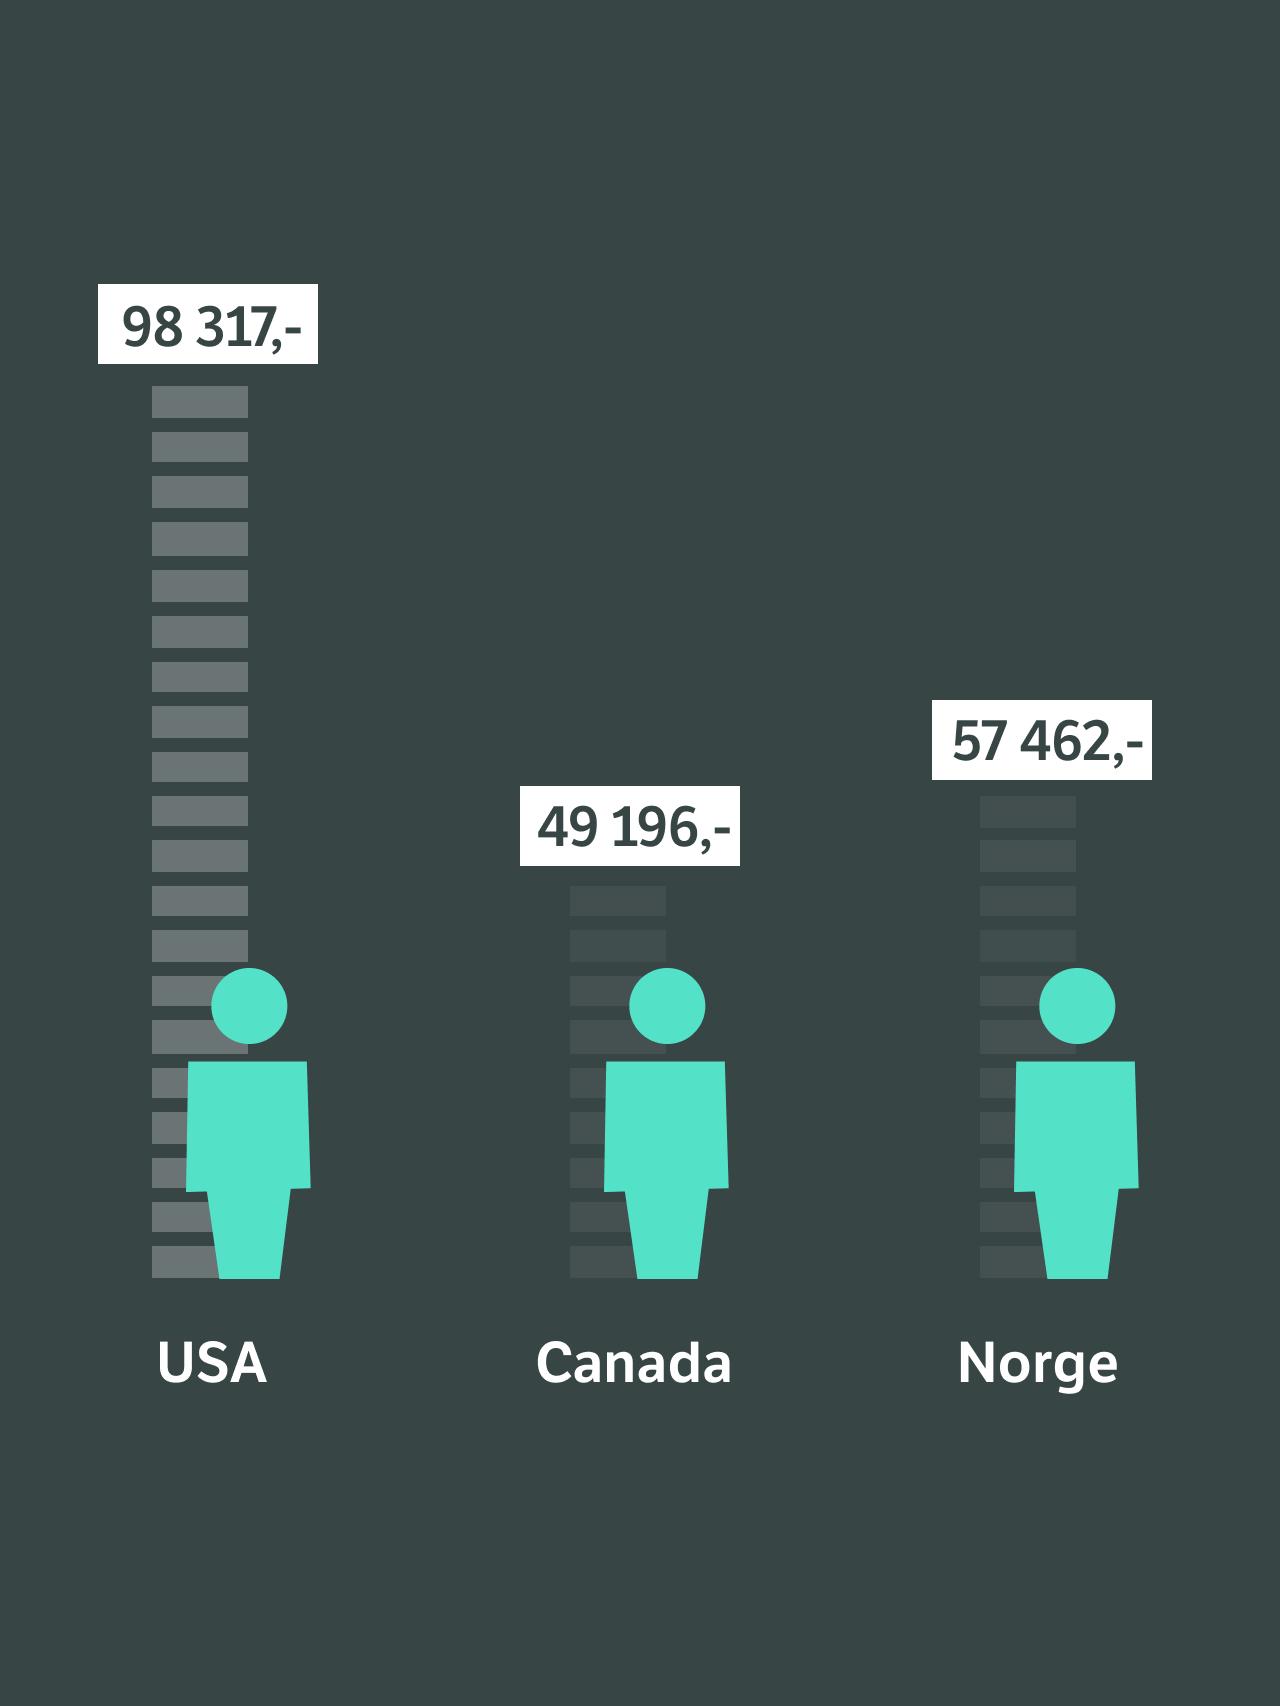 Helsepenger USA, Canada og Norge